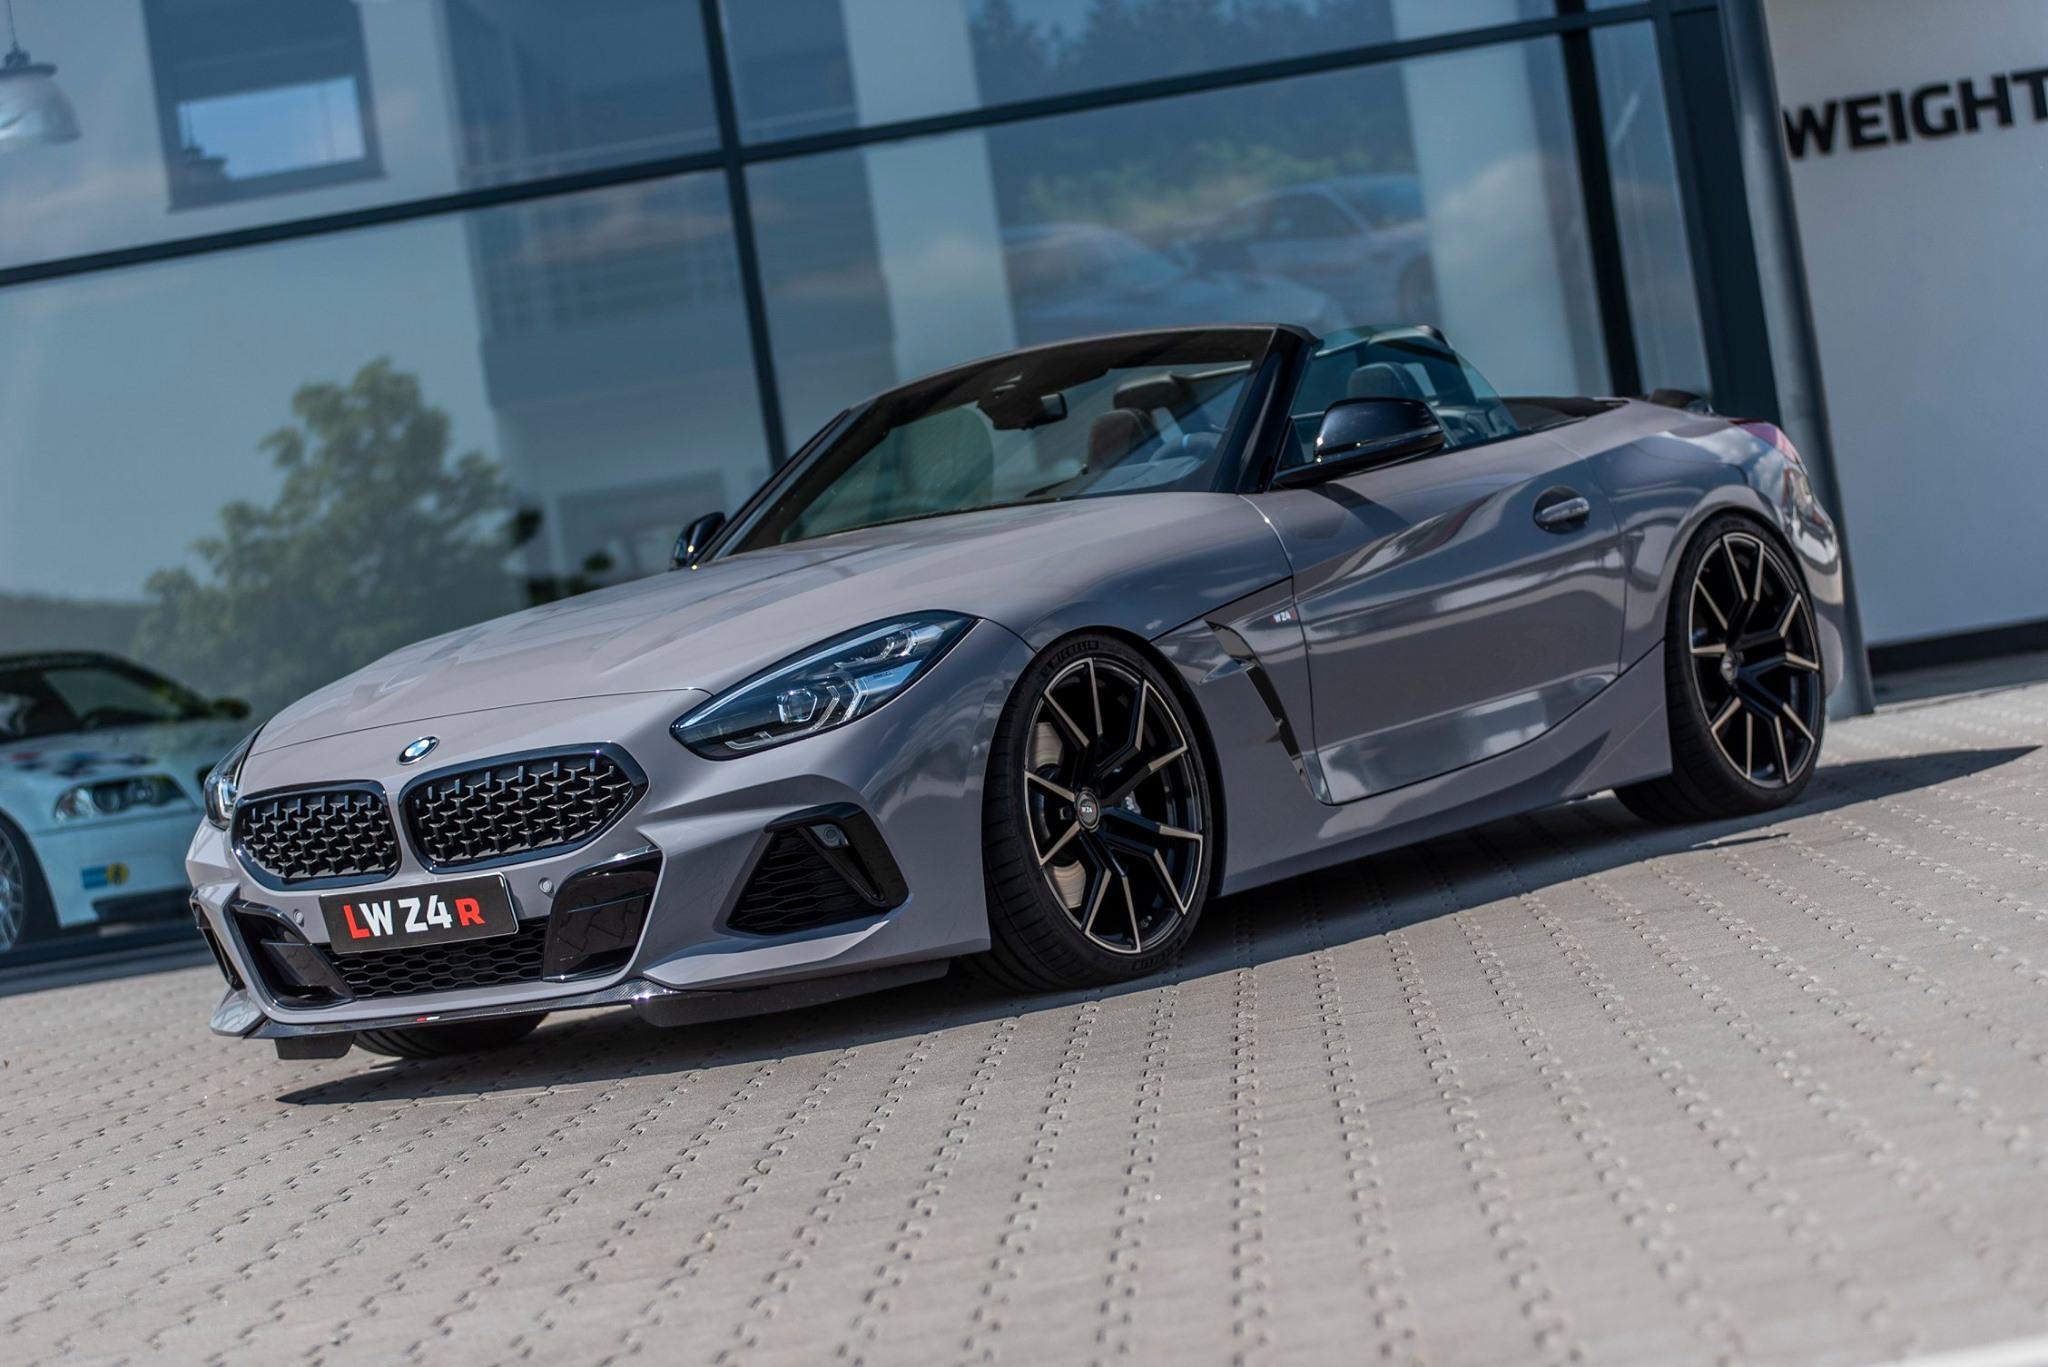 BMW-Z4-by-Lightweight-Performance-1